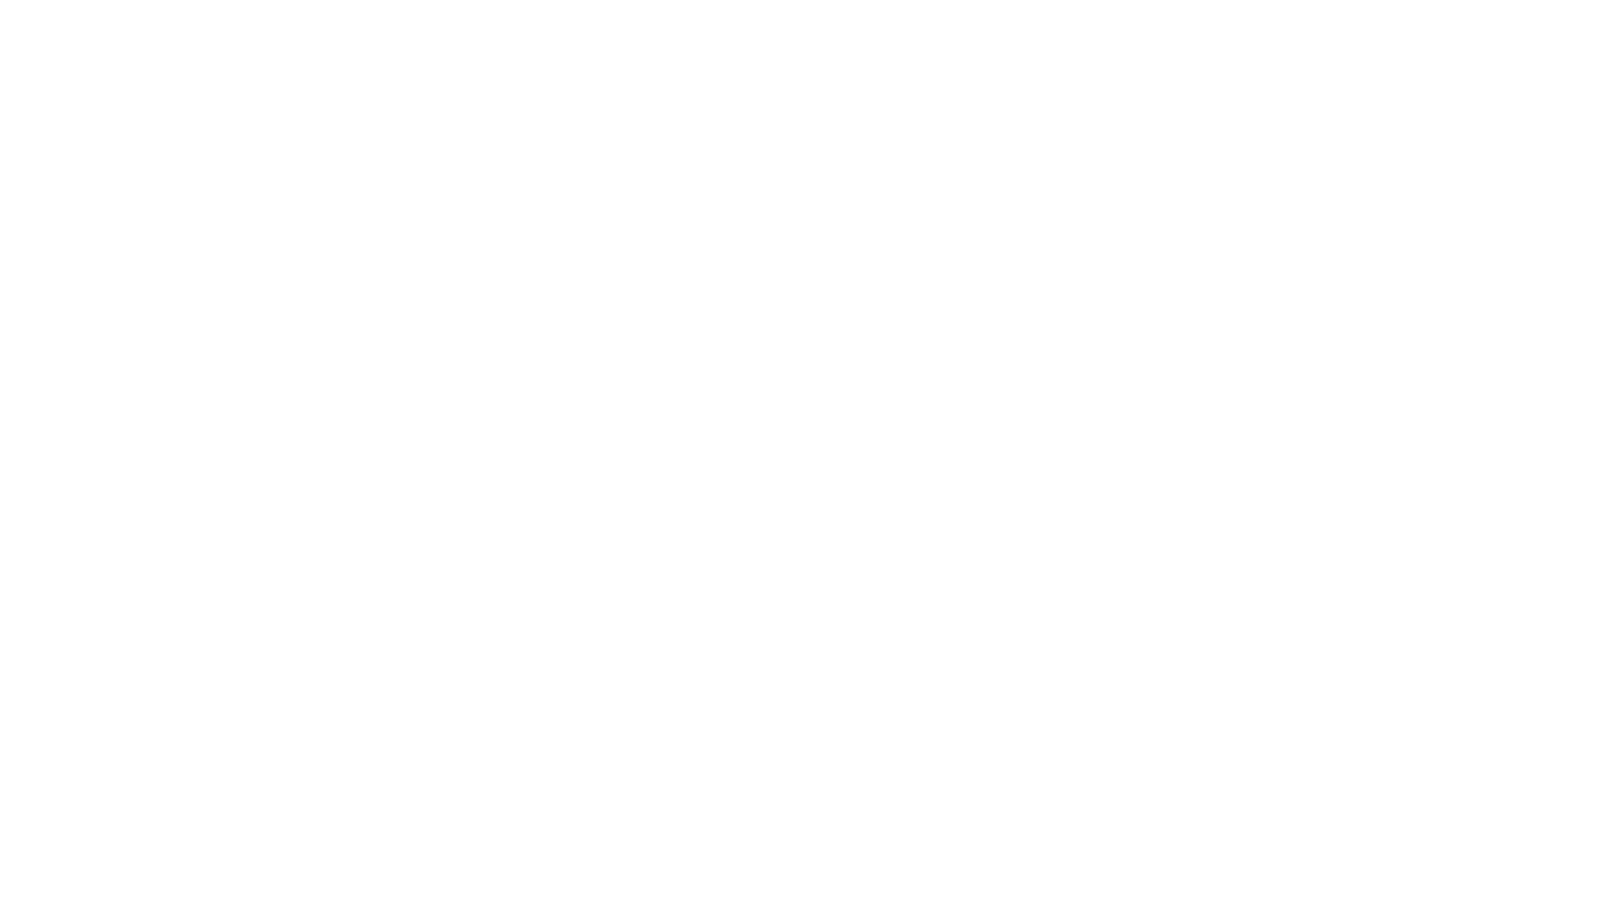 Lavorare sulla relazione con il denaro è sempre molto utile, ma nei momenti di crisi politica ed economica può addirittura essere indispensabile: quando le cose si fanno difficili avere un rapporto sano con il denaro può fare la differenza tra vivere o perire.  Sul web troviamo tesi catastrofiste e tesi ottimiste: c'è chi parla di recessione, chi di depressione economica, e c'è chi sceglie di vedere cosa accade, cercando di mettere più energie nella risoluzione dei problemi che nelle preoccupazioni.  Nei periodi storici più difficili le cose possono diventare complesse, ma raramente diventano impossibili da gestire: nel mondo duale ad ogni problema corrisponde almeno una soluzione praticabile.  Nei periodi di crisi i pregiudizi e gli stereotipi legati al denaro sono ancora più pericolosi: chi li ha in genere dispone di poco denaro e nei momenti di magra ne ha ancora meno. Traumi e condizionamenti nella relazione col denaro non solo riducono il cash flow, ma mettono a rischio la tenuta del rapporto tra entrate e uscite.  Mentre nei momenti di crescita è tutto più facile anche per chi è meno equipaggiato, nei momenti di difficoltà siamo obbligati a mettere le mani sul nostro stile di vita e accettare le sfide che l'ambiente ci impone.  Importante è l'analisi delle emozioni, dei pensieri e delle credenze che abbiamo quando abbiamo a che fare con il denaro: paure, desideri, attaccamenti, sensi di colpa, invidia, risentimenti e così via.  La scelta dell'Ordina Francescano di utilizzare il denaro deriva probabilmente dal fatto che il problema non sta nel denaro, ma nel cervello e nel cuore degli uomini che lo utilizzano: il denaro è neutro, ma le nostre scelte non lo sono mai..  Se il nostro Natale 2020 è sottotono dobbiamo cercare in tutti i modi di accettare le cose in modo attivo, per migliorarle il più possibile.  Nel mondo dell'imprenditoria è fondamentale coltivare la capacità di intuire ciò che sta per accadere, in modo da poter cavalcare l'onda anziché subirla.  N